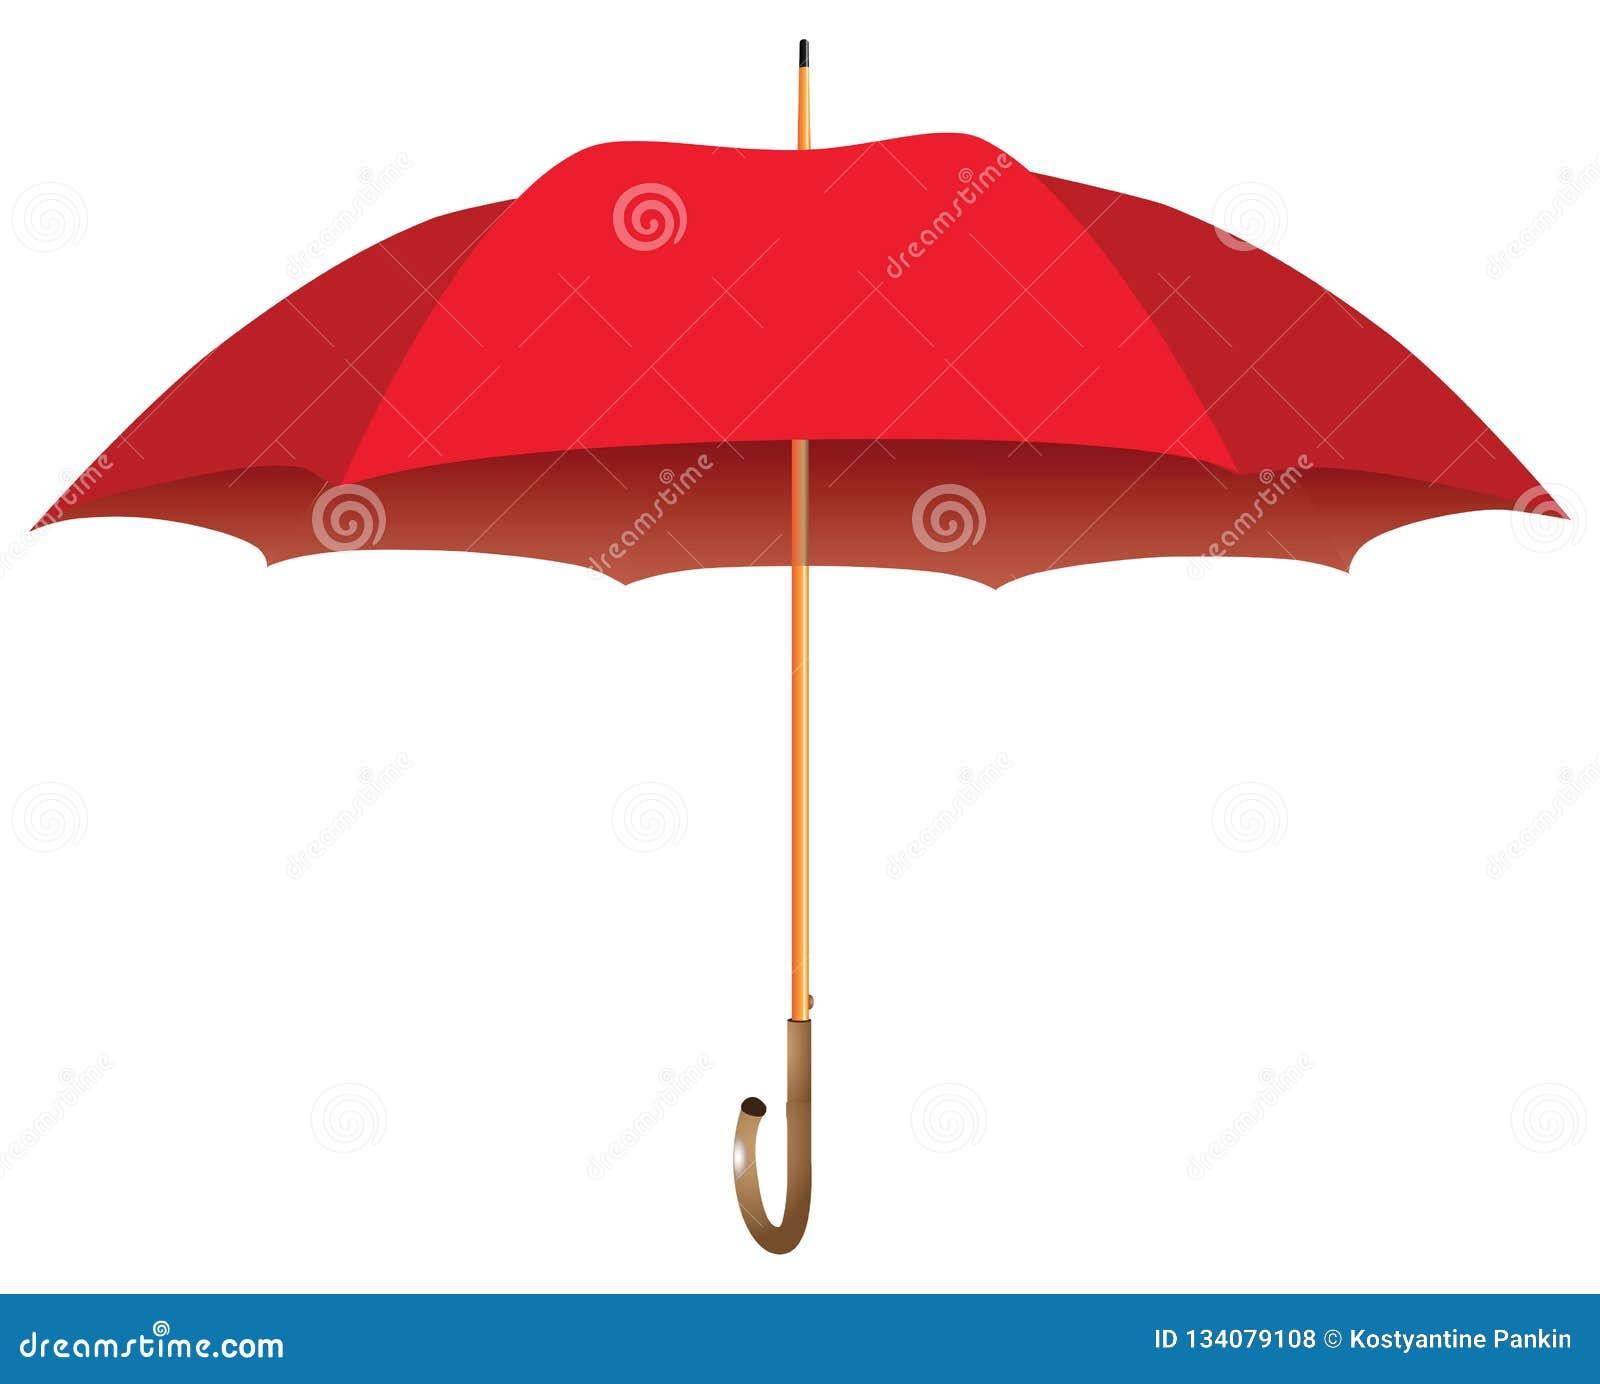 d29b8772f Red big umbrella stock vector. Illustration of open - 134079108